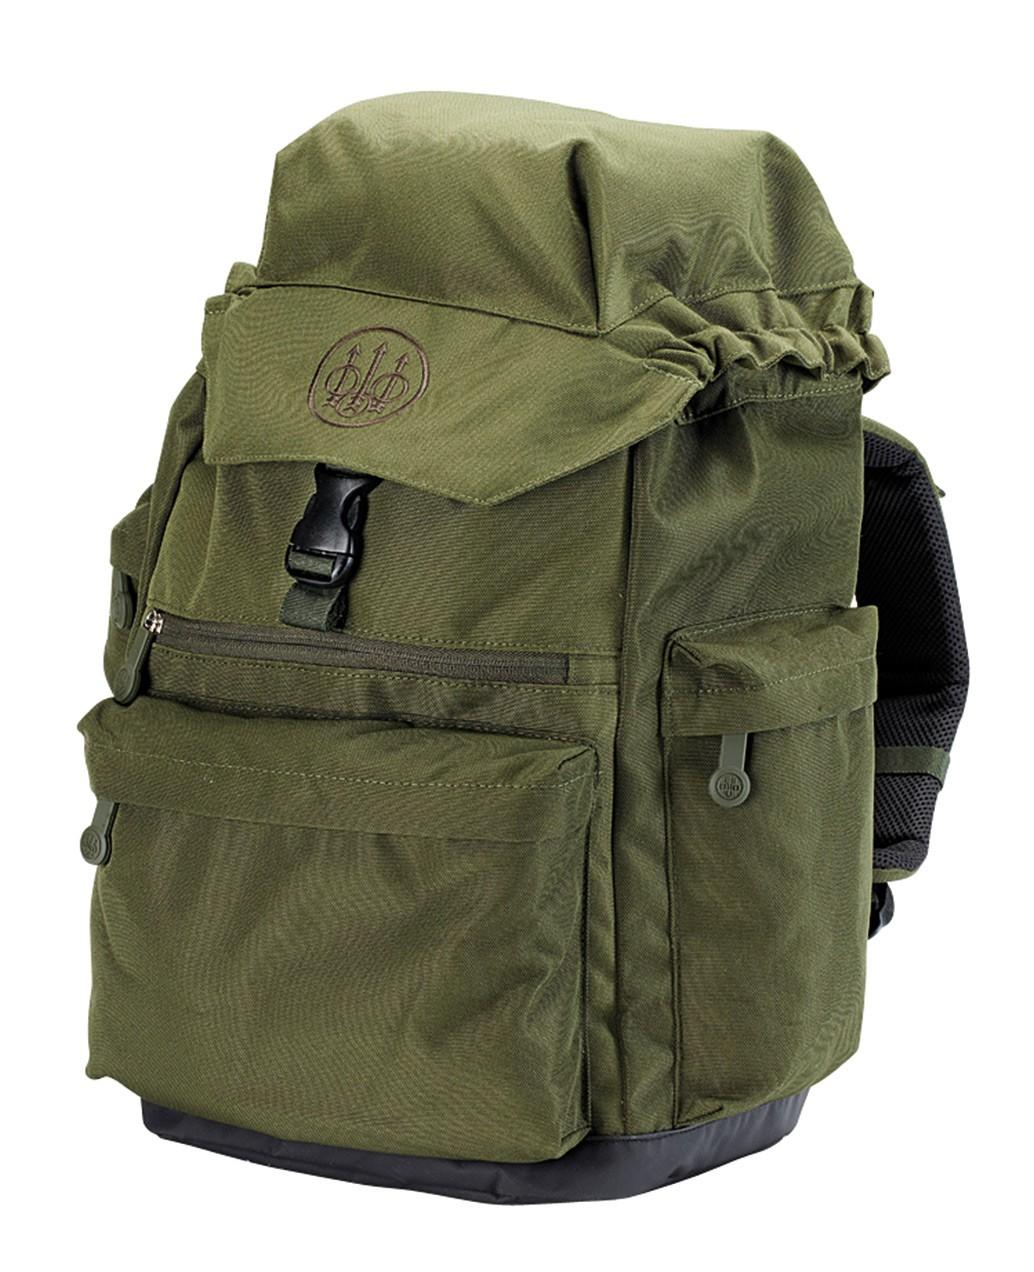 Sac à dos de chasse beretta green line - 25 l, made in ch...